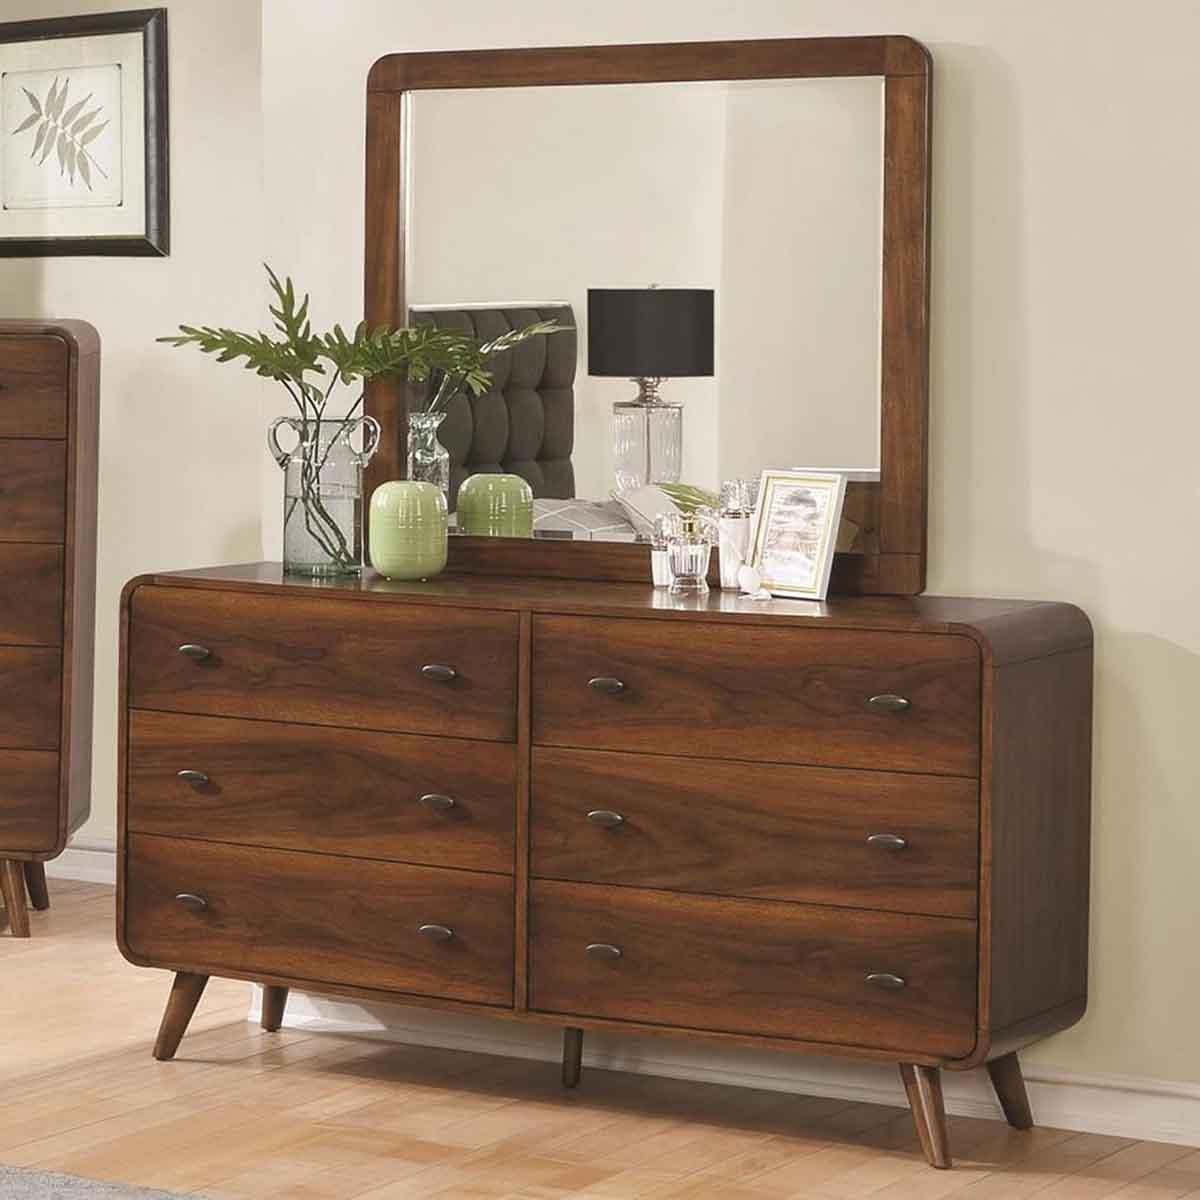 Robyn Mid Century Modern 6 Drawer Dresser